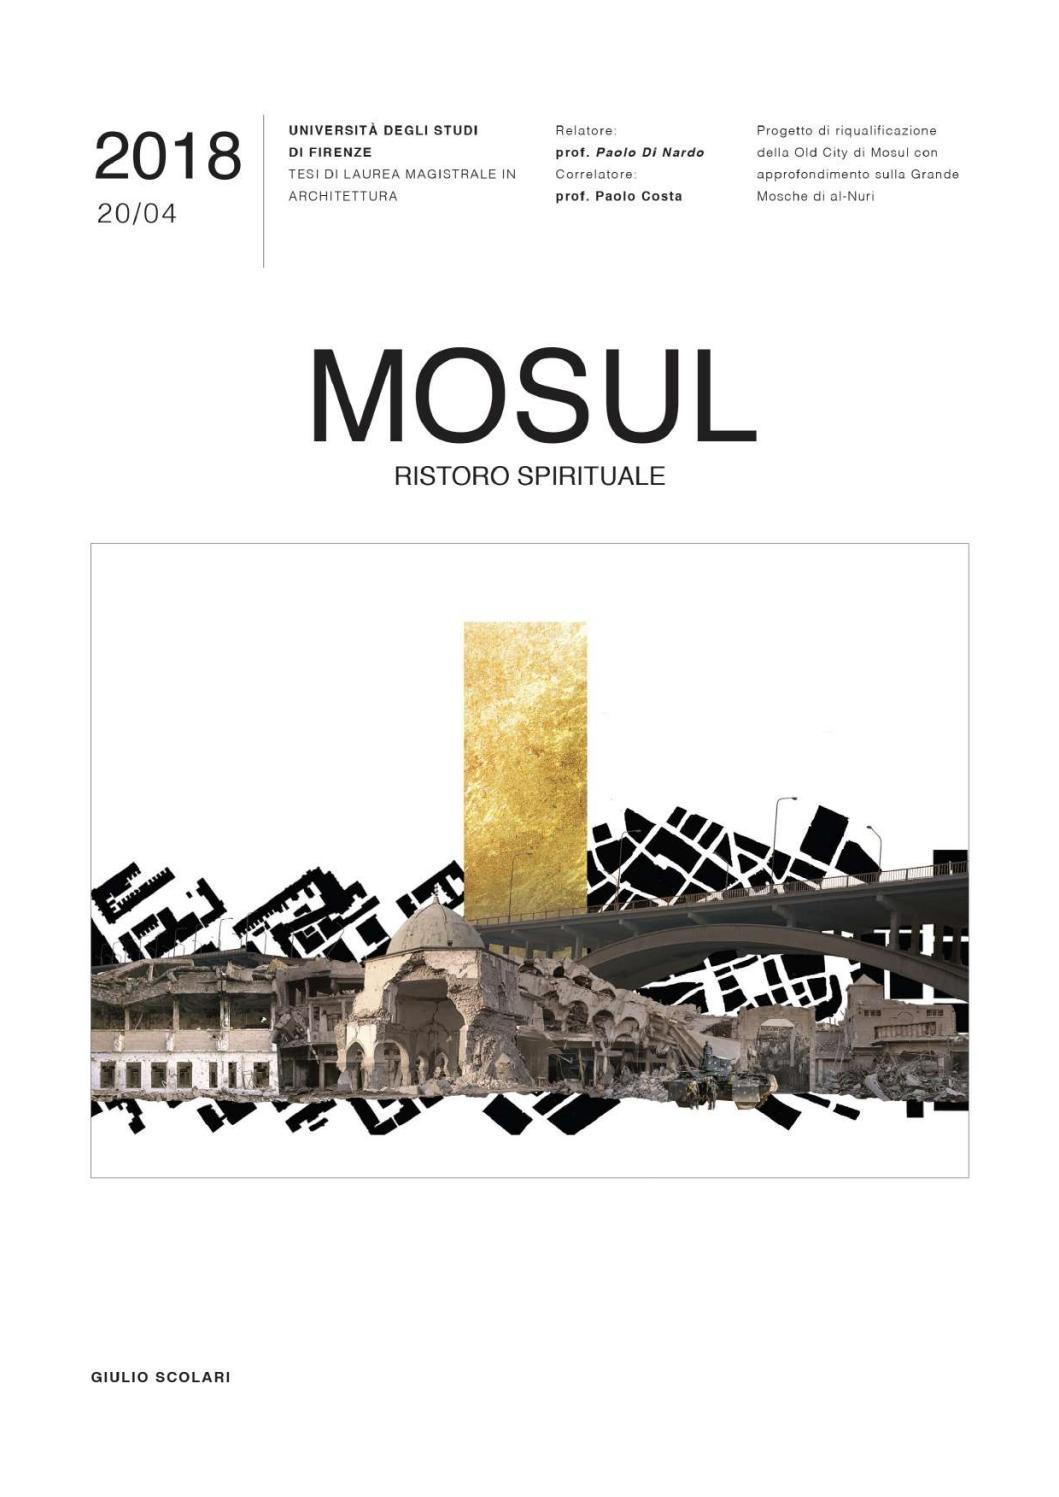 Mosul Ristoro Spirituale By Giulio Scolari Issuu